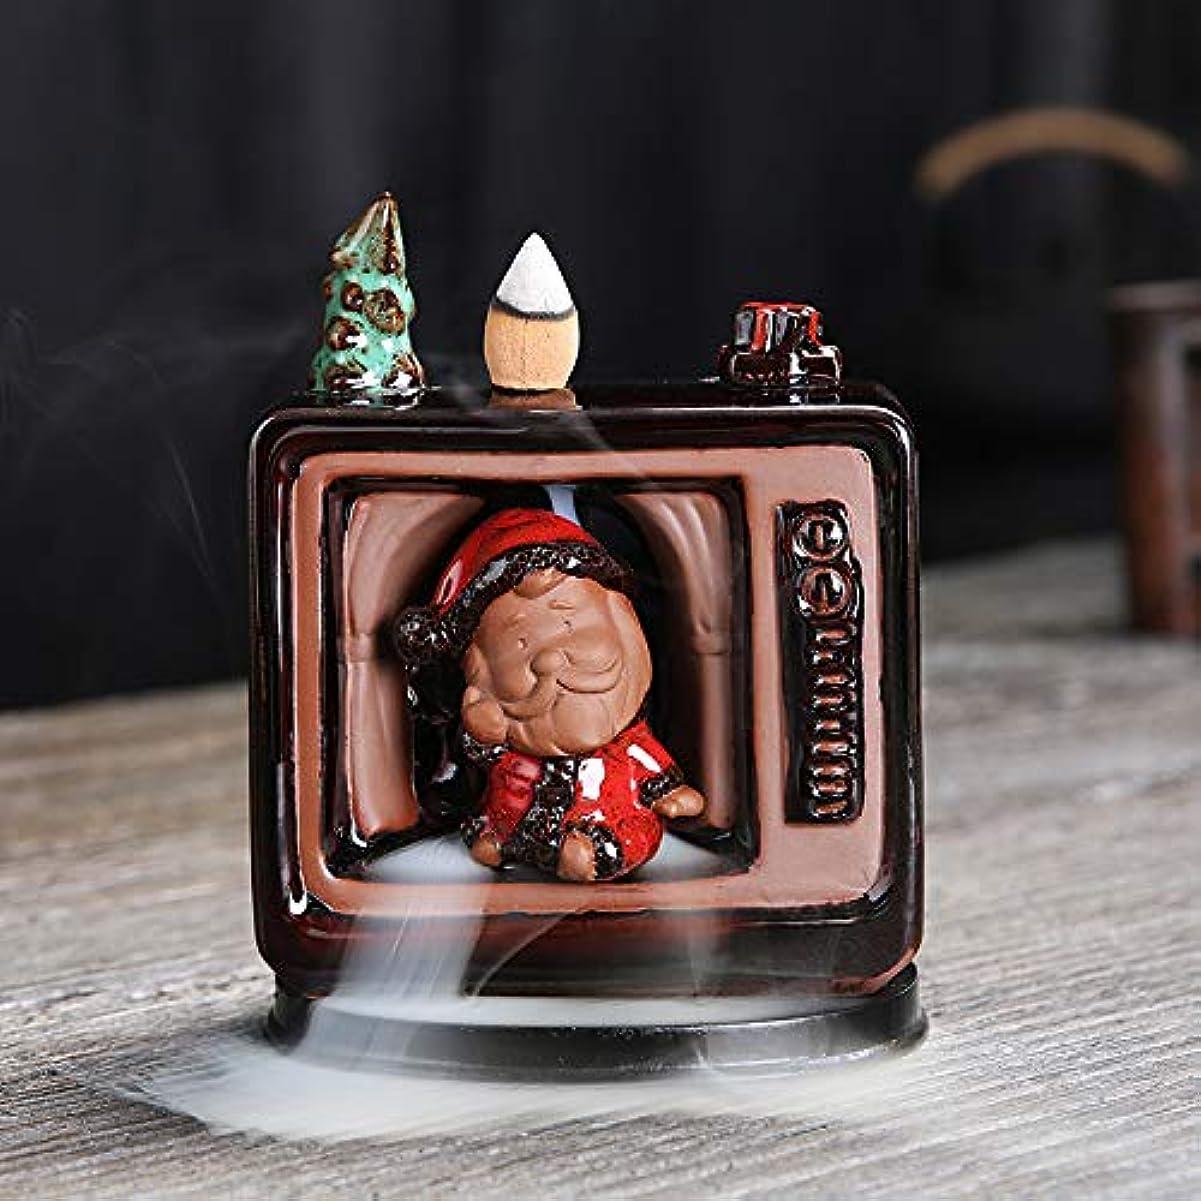 好きカロリー法律セラミックリフロー香炉香炉サンタクロースヨガ瞑想家の装飾や手工芸に適しています中国のクリスマスギフトスノーマン香炉クリスマス香炉11 * 6 * 14cm